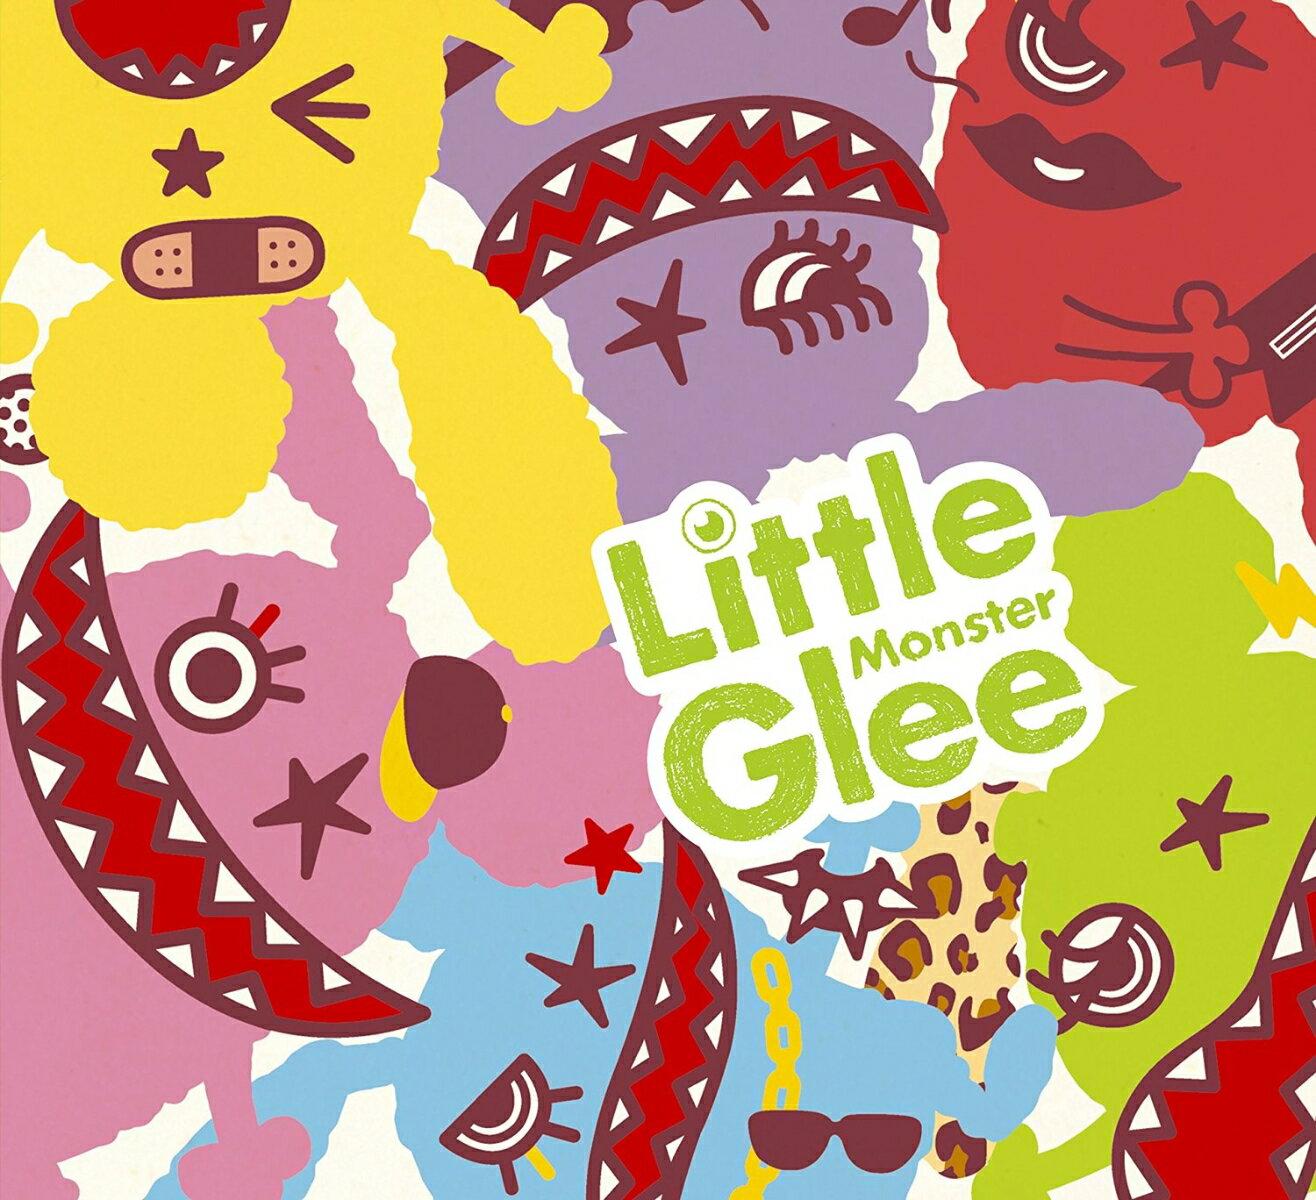 Little Glee Monster画像